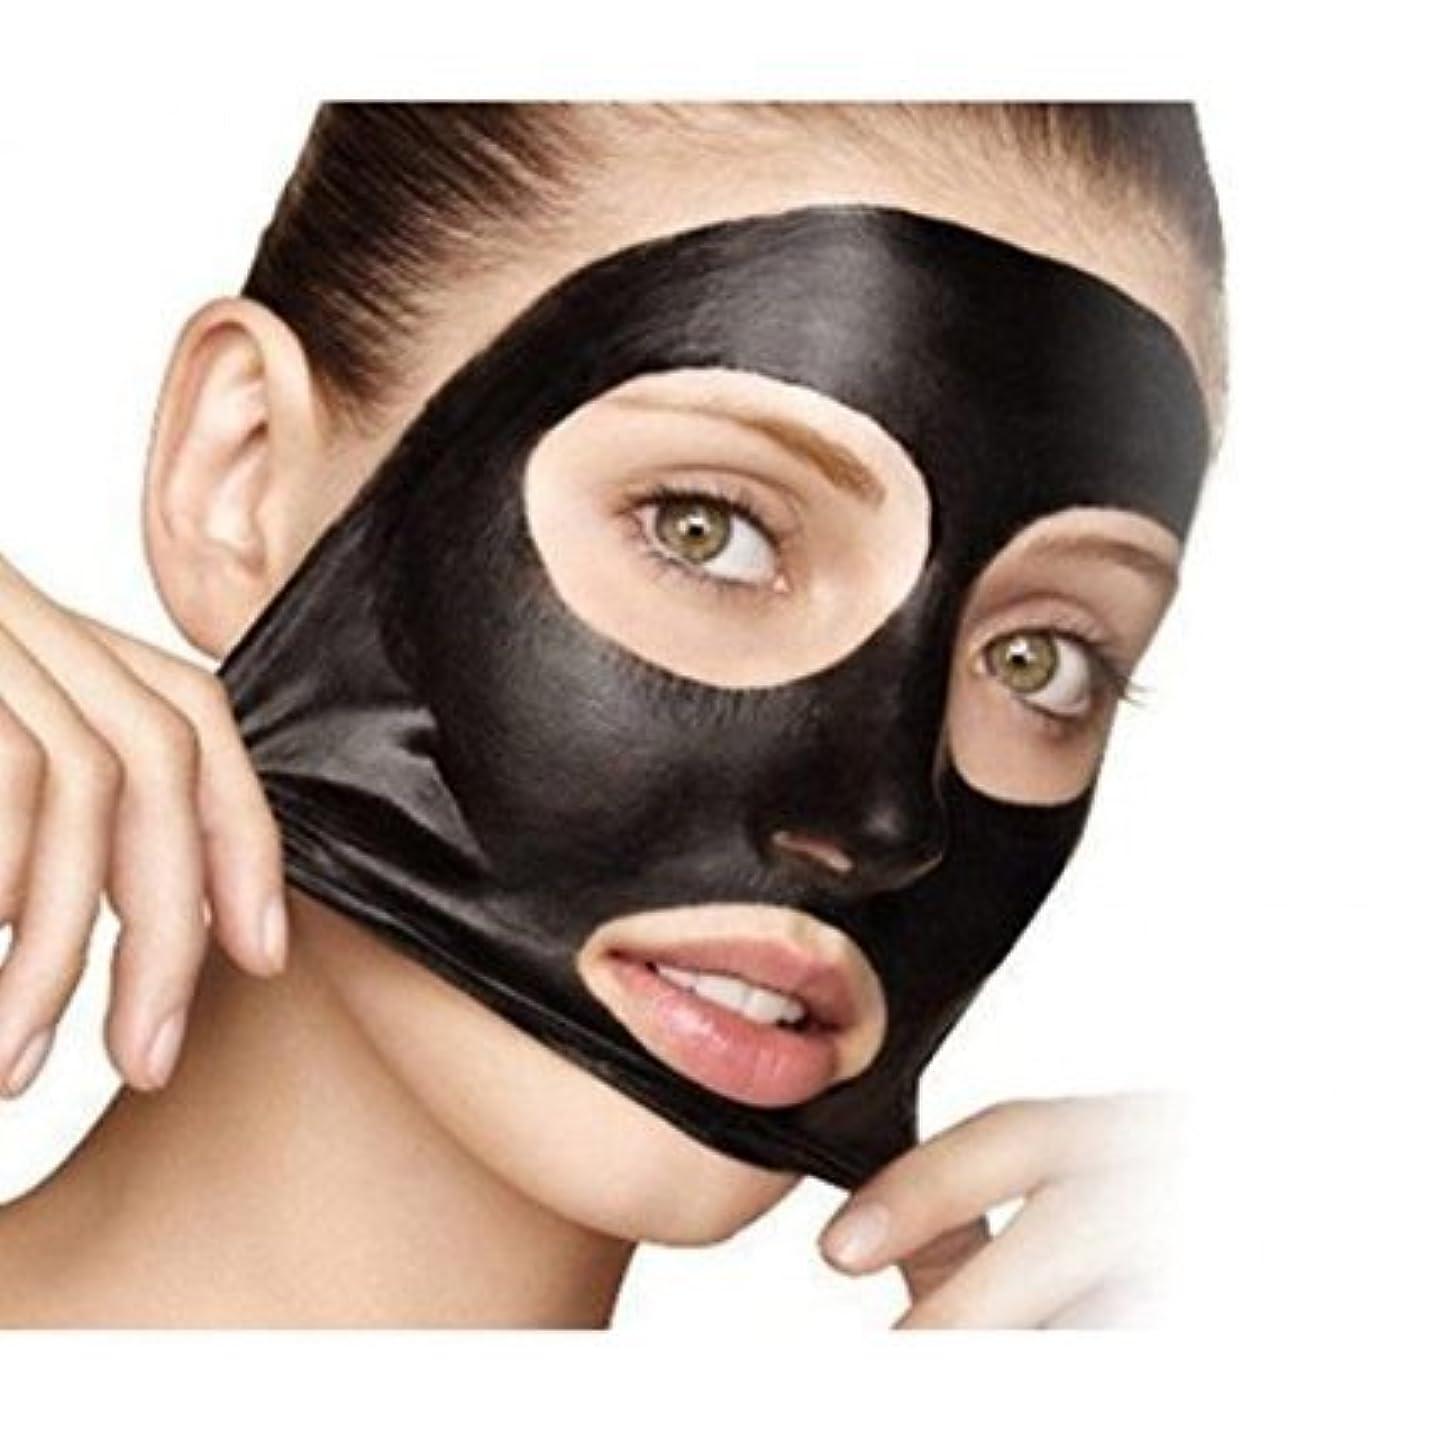 中性なので空中5 x Mineral Mud Nose Pore Cleansing Blackhead Removal Cleaner Membranes Mask by Boolavard? TM